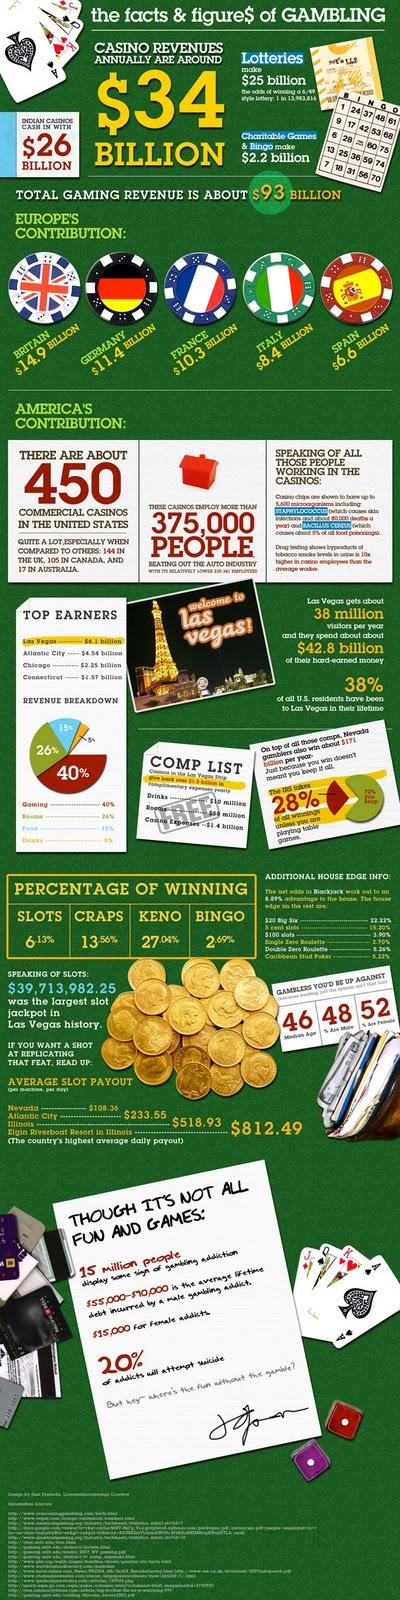 Casino statistics canada